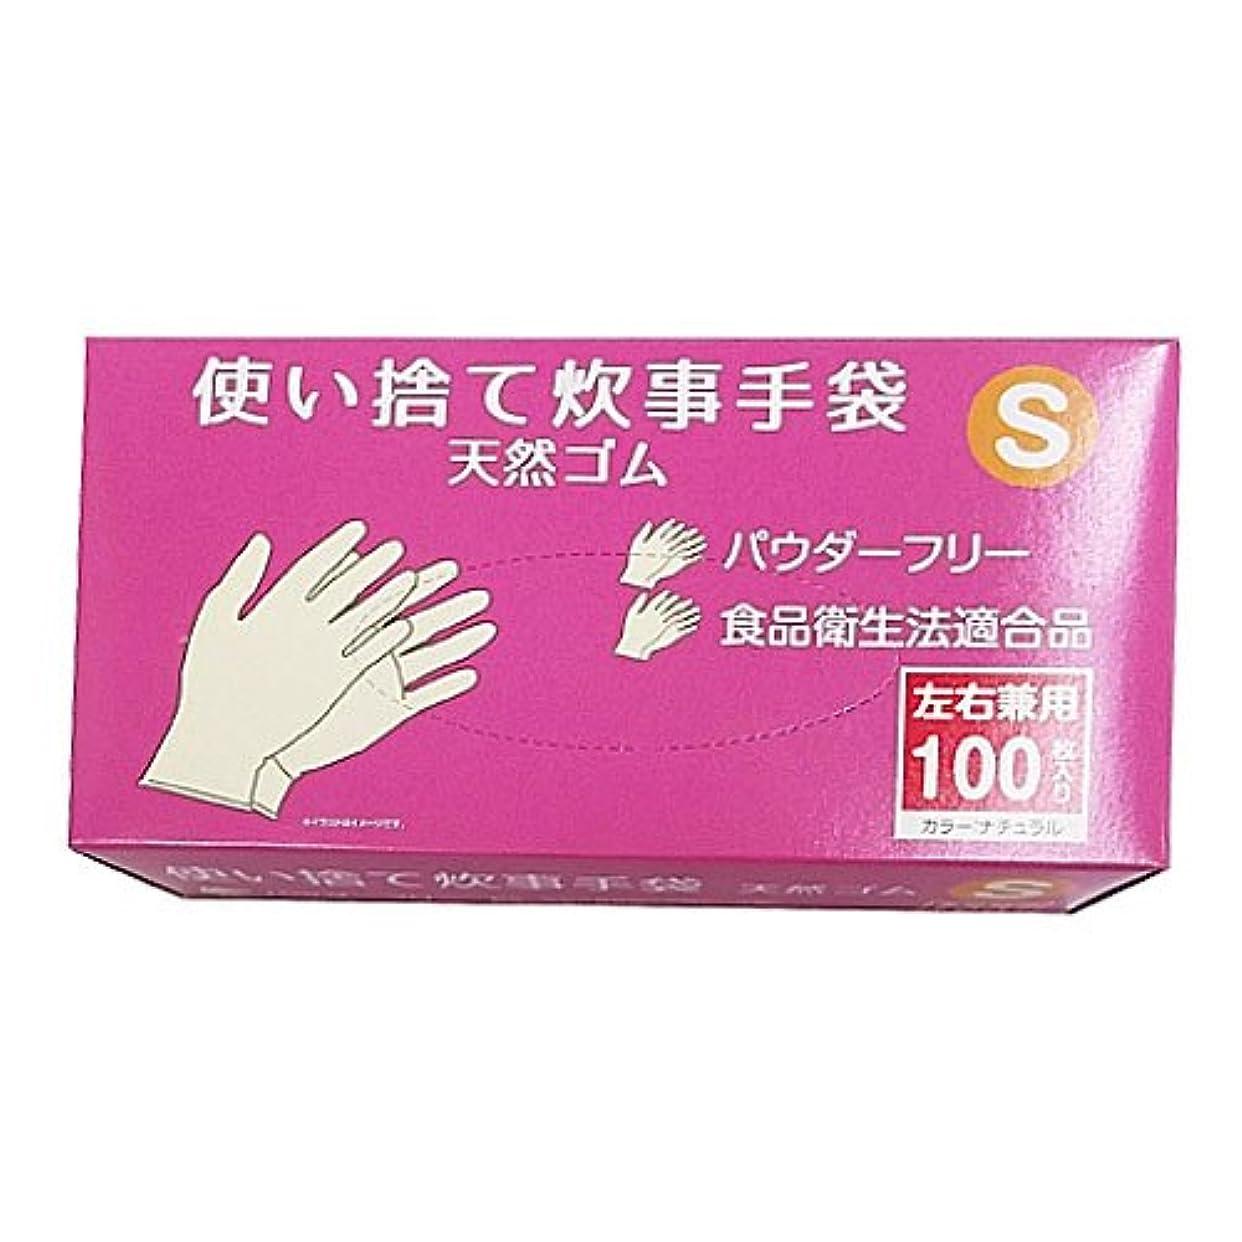 起点登録する不十分なコーナンオリジナル 使い捨て 炊事手袋 天然ゴム 100枚入り S